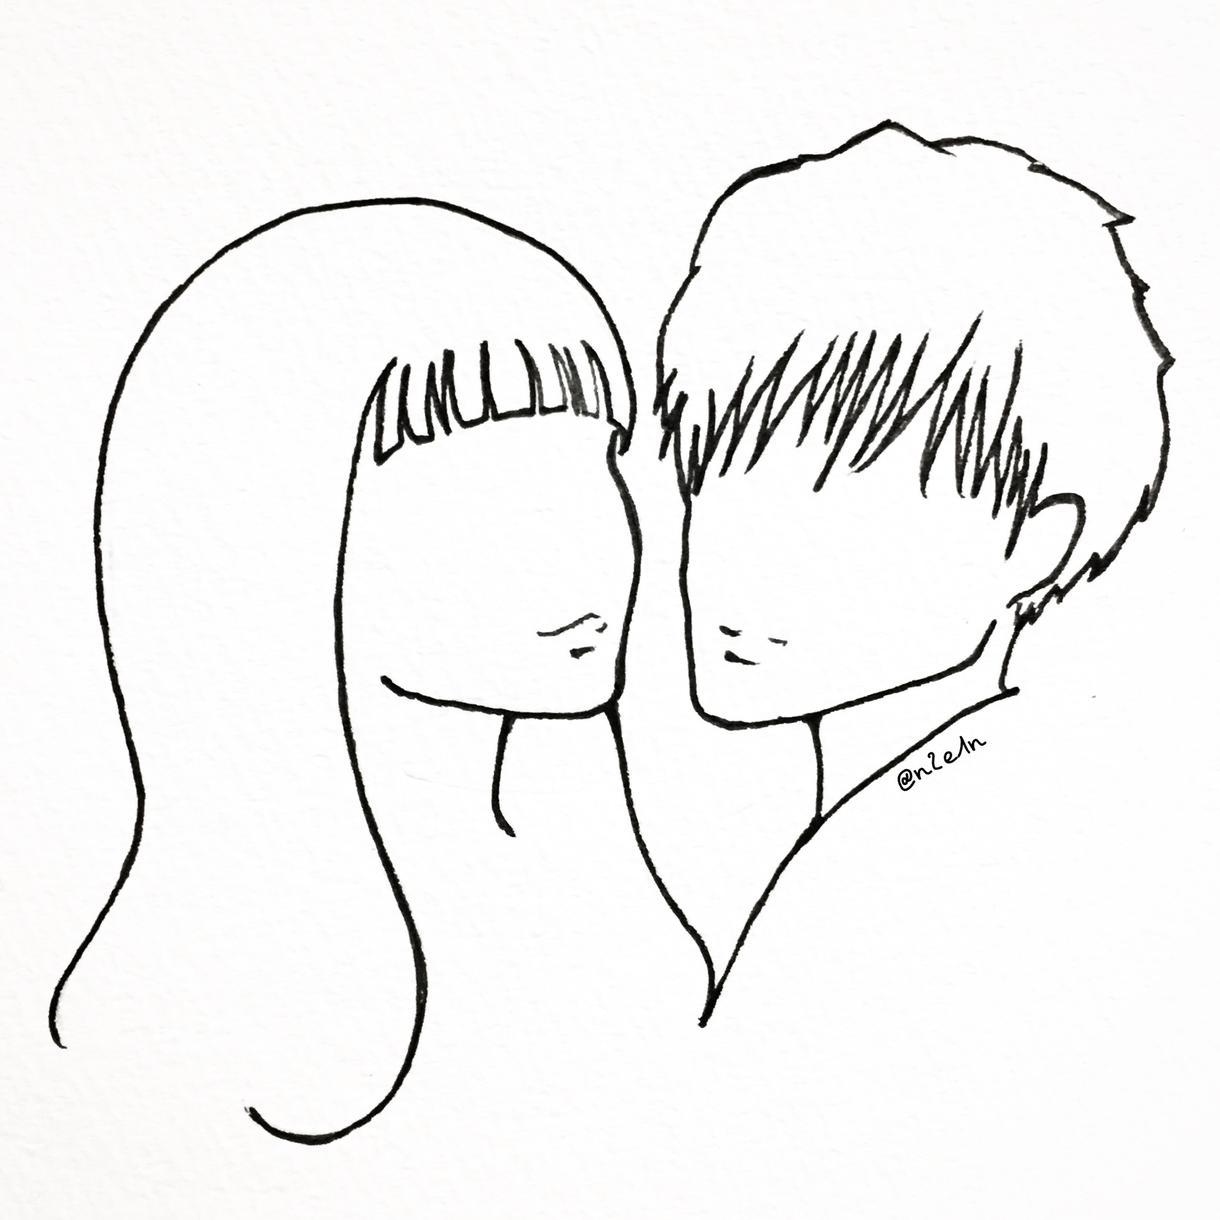 シンプルな似顔絵や風景画など何でも描きます 友達へのプレゼントに絵で感動を届けたい方へ